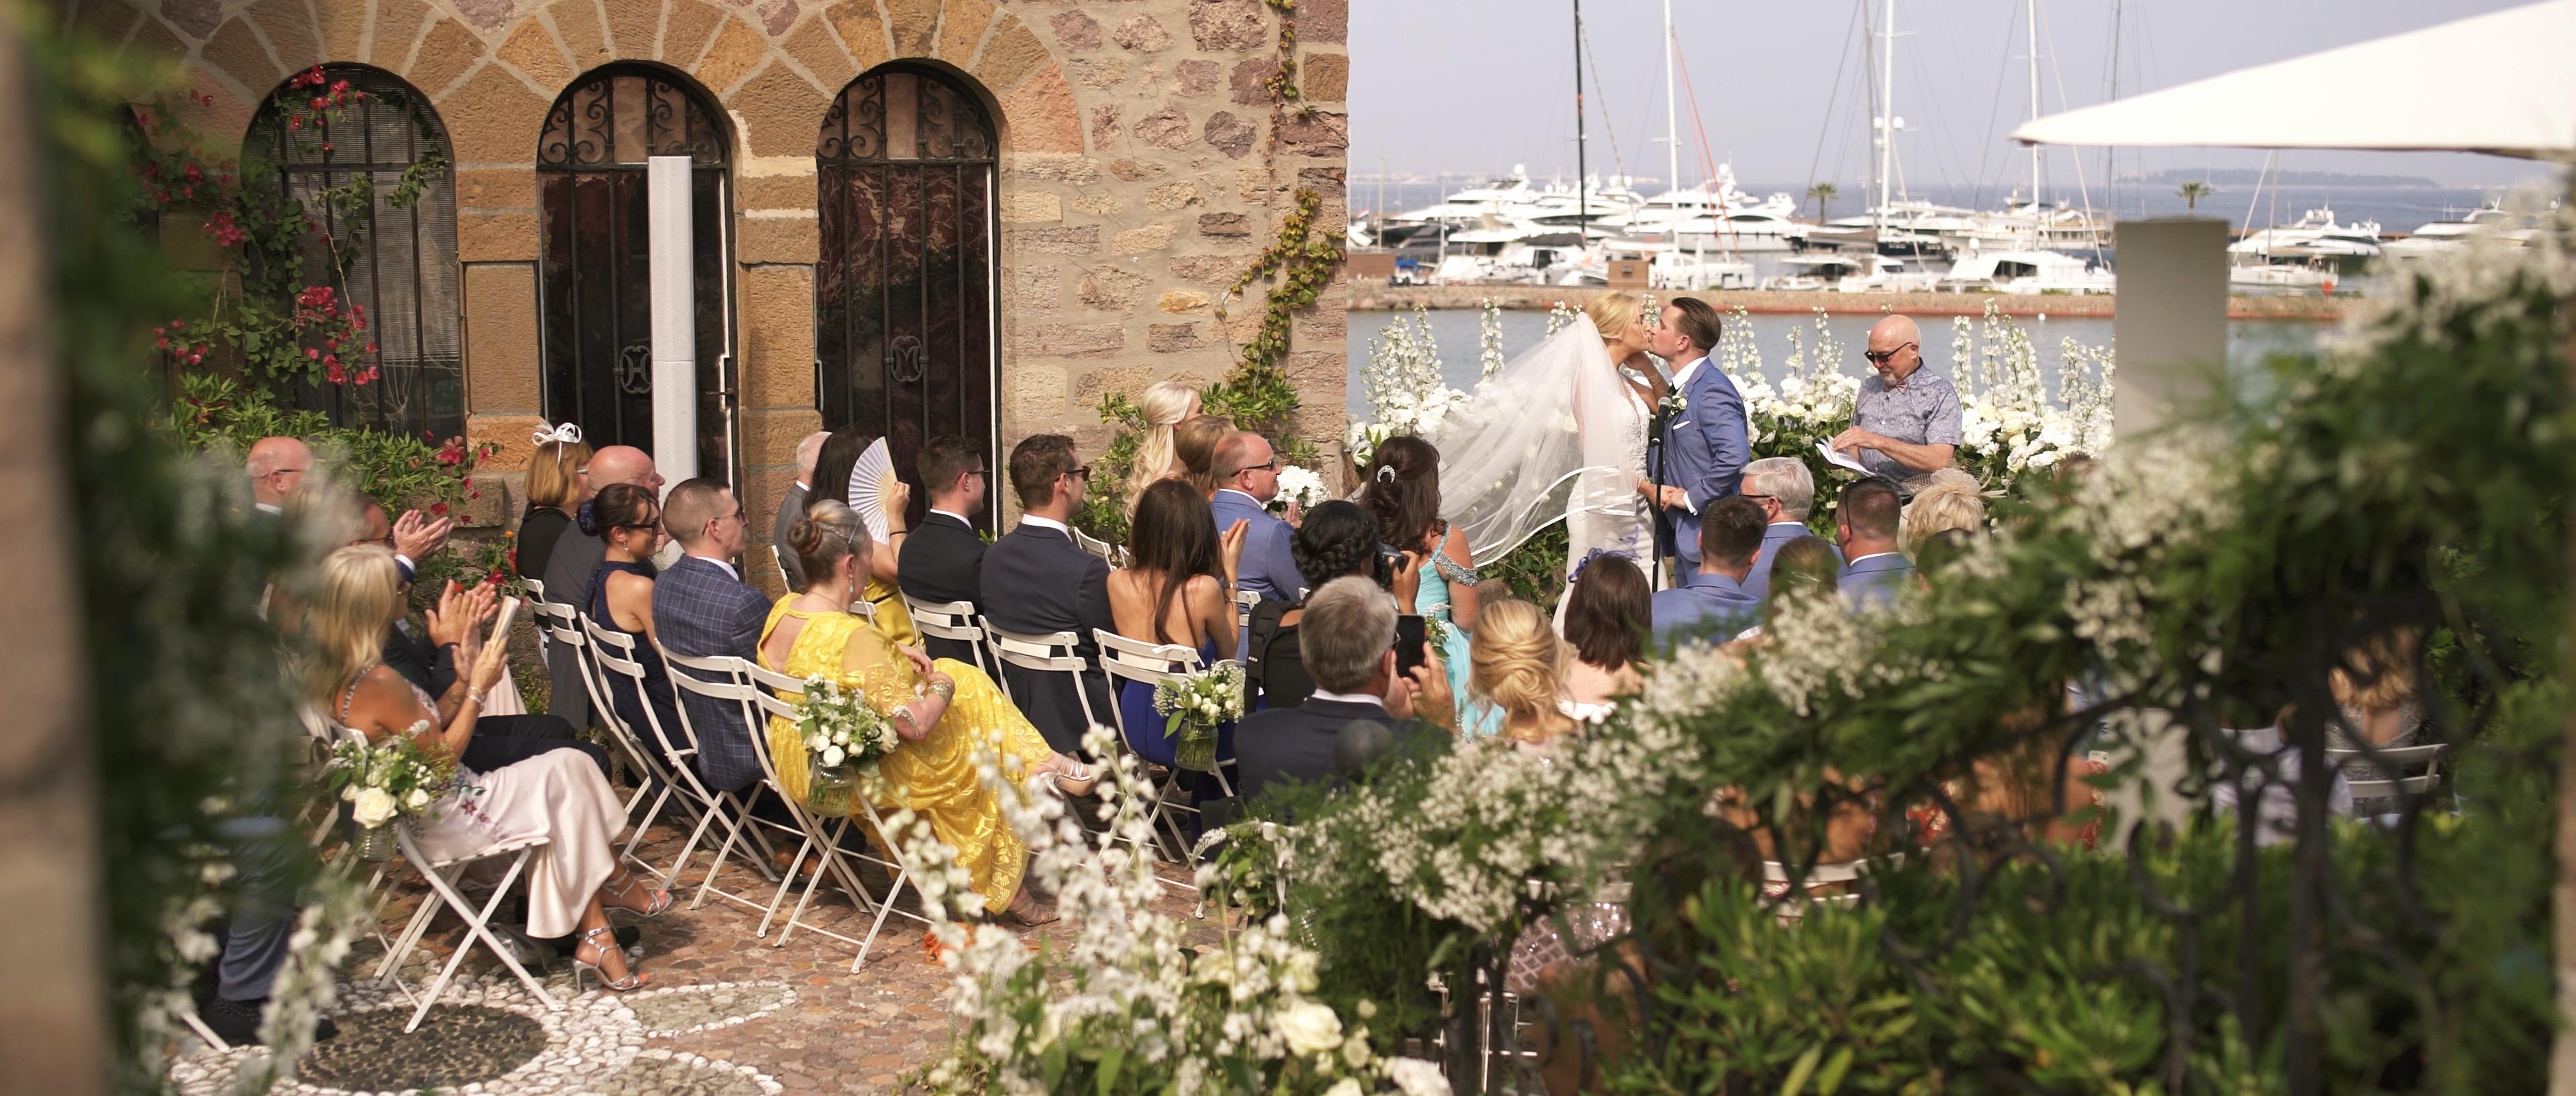 CHATEAU DE LA NAPOULE WEDDING